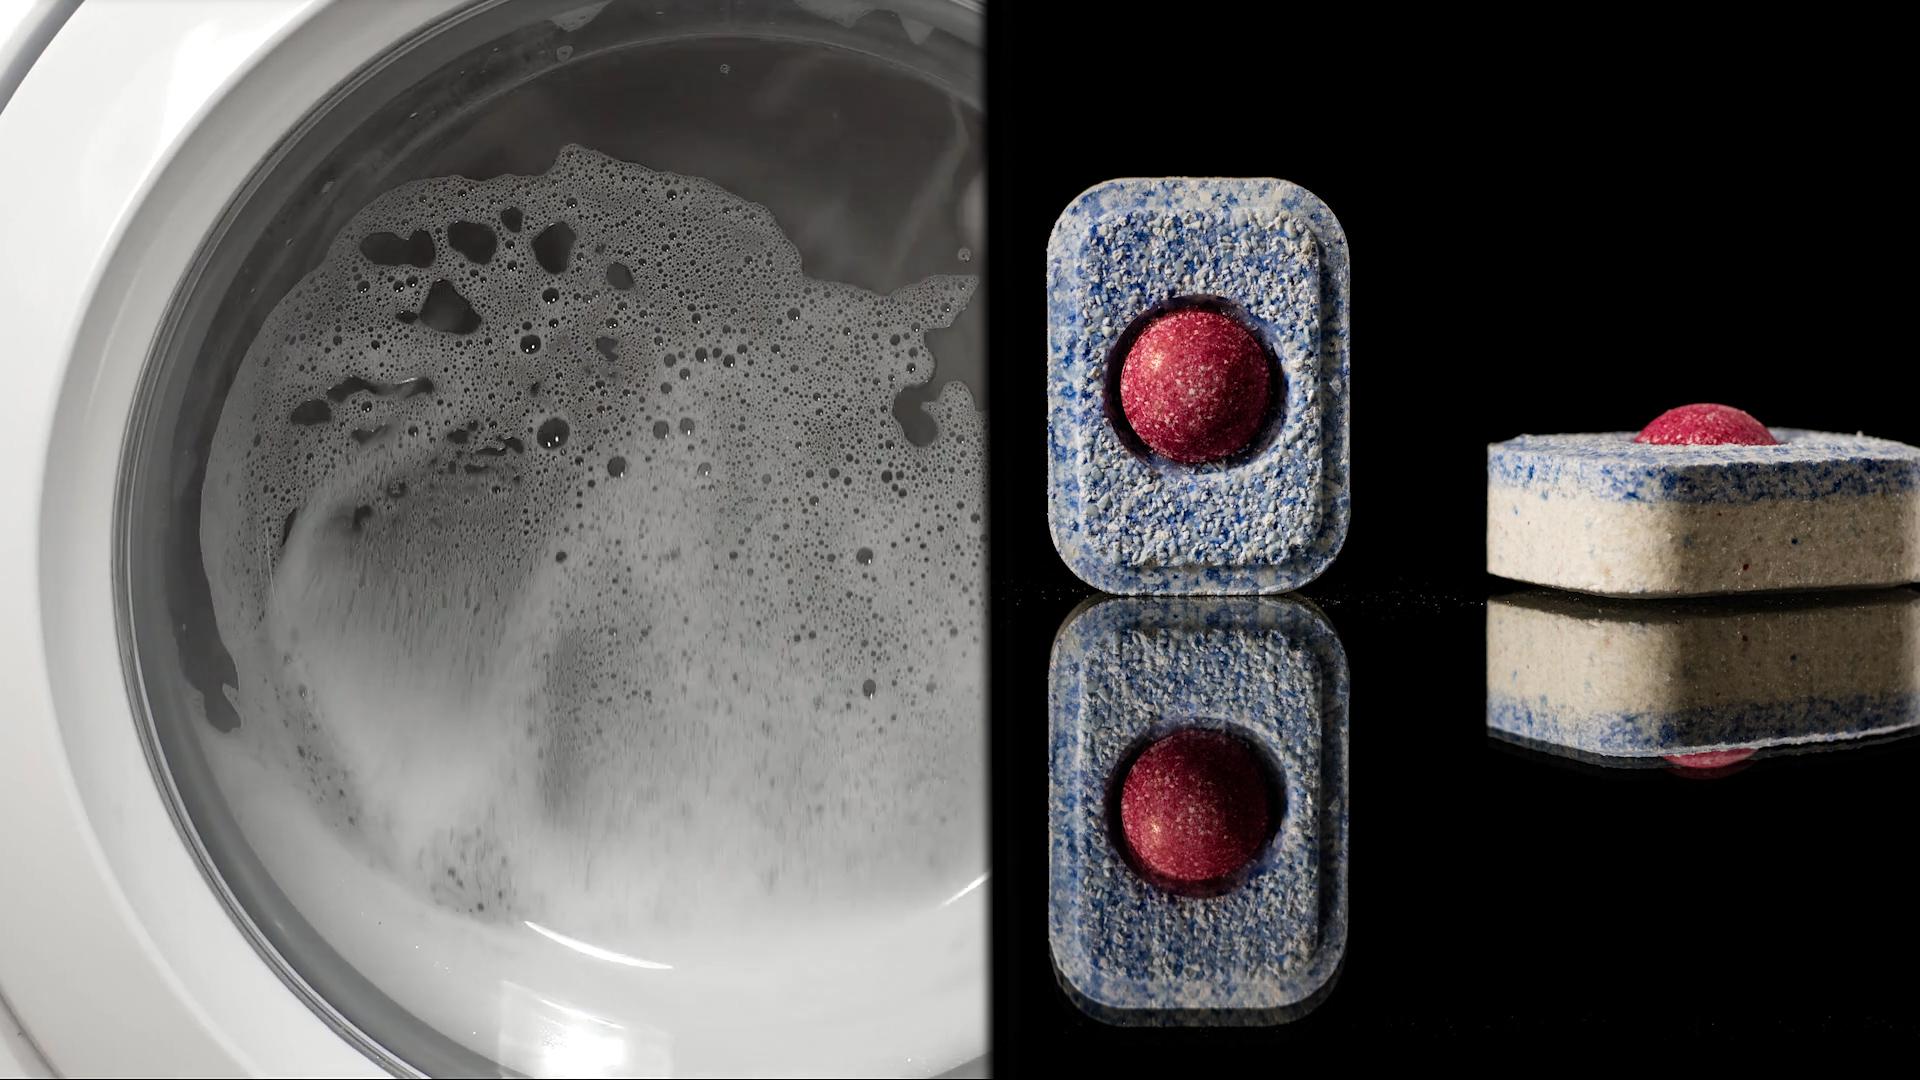 Czyszczenie pralki tabletkami do zmywarki